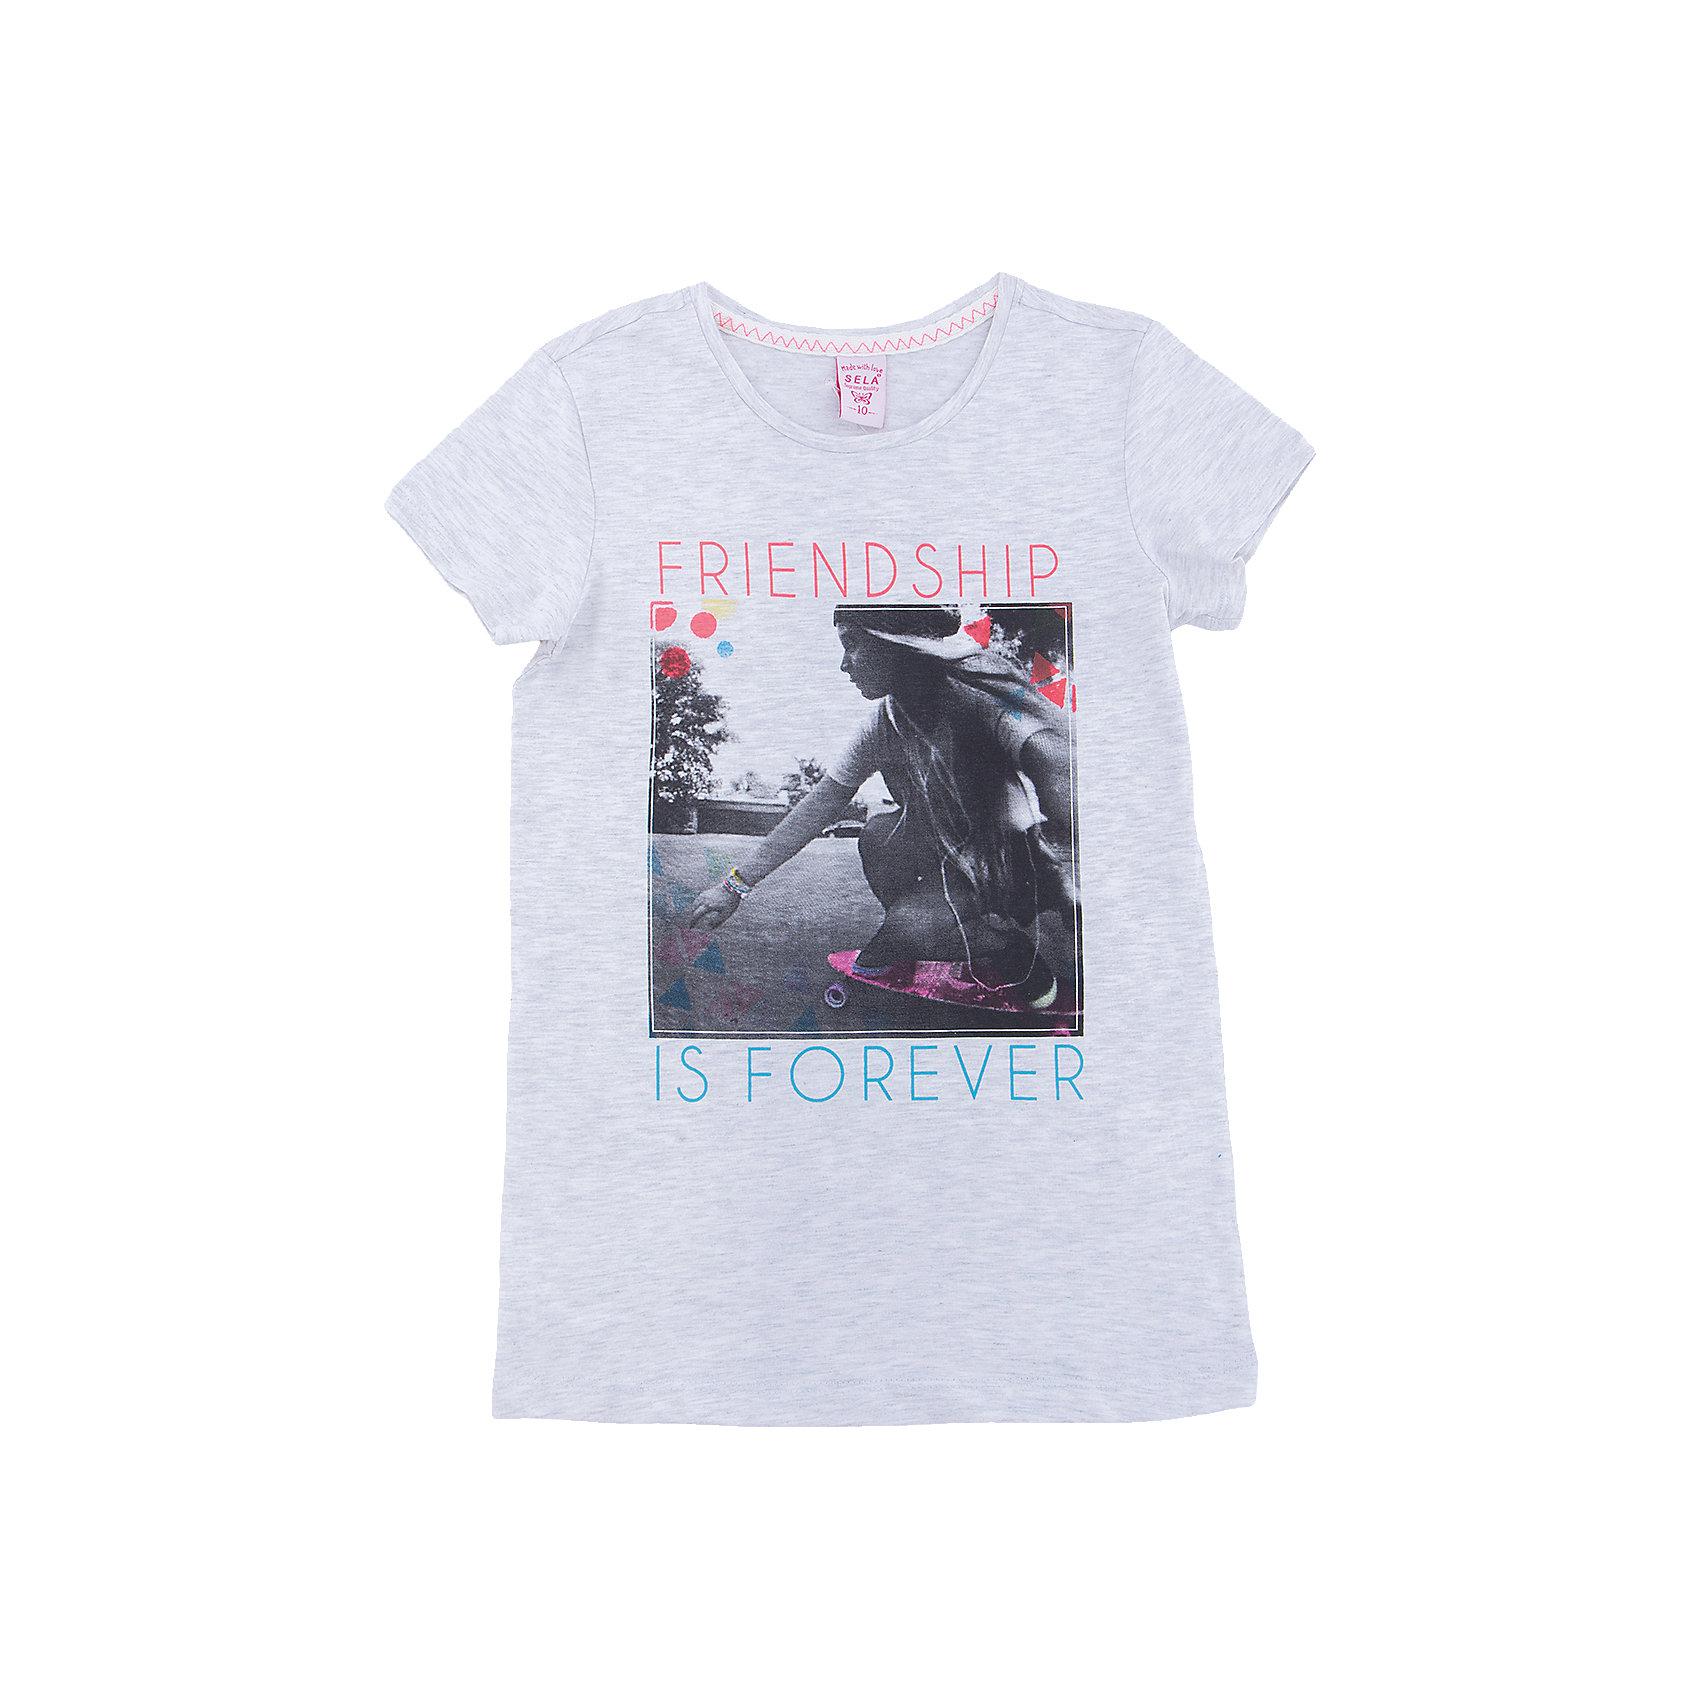 Футболка  для девочки SELAФутболки, поло и топы<br>Характеристики товара:<br><br>• цвет: серый<br>• состав: 100% хлопок<br>• декорирована принтом<br>• короткие рукава<br>• округлый горловой вырез<br>• страна бренда: Российская Федерация<br><br>В новой коллекции SELA отличные модели одежды! Эта футболка для девочки поможет разнообразить гардероб ребенка и обеспечить комфорт. Она отлично сочетается с юбками и брюками. Стильная и удобная вещь!<br><br>Футболку для девочки от популярного бренда SELA (СЕЛА) можно купить в нашем интернет-магазине.<br><br>Ширина мм: 230<br>Глубина мм: 40<br>Высота мм: 220<br>Вес г: 250<br>Цвет: серый<br>Возраст от месяцев: 108<br>Возраст до месяцев: 120<br>Пол: Женский<br>Возраст: Детский<br>Размер: 134,128,122,116,152,146,140<br>SKU: 5303602